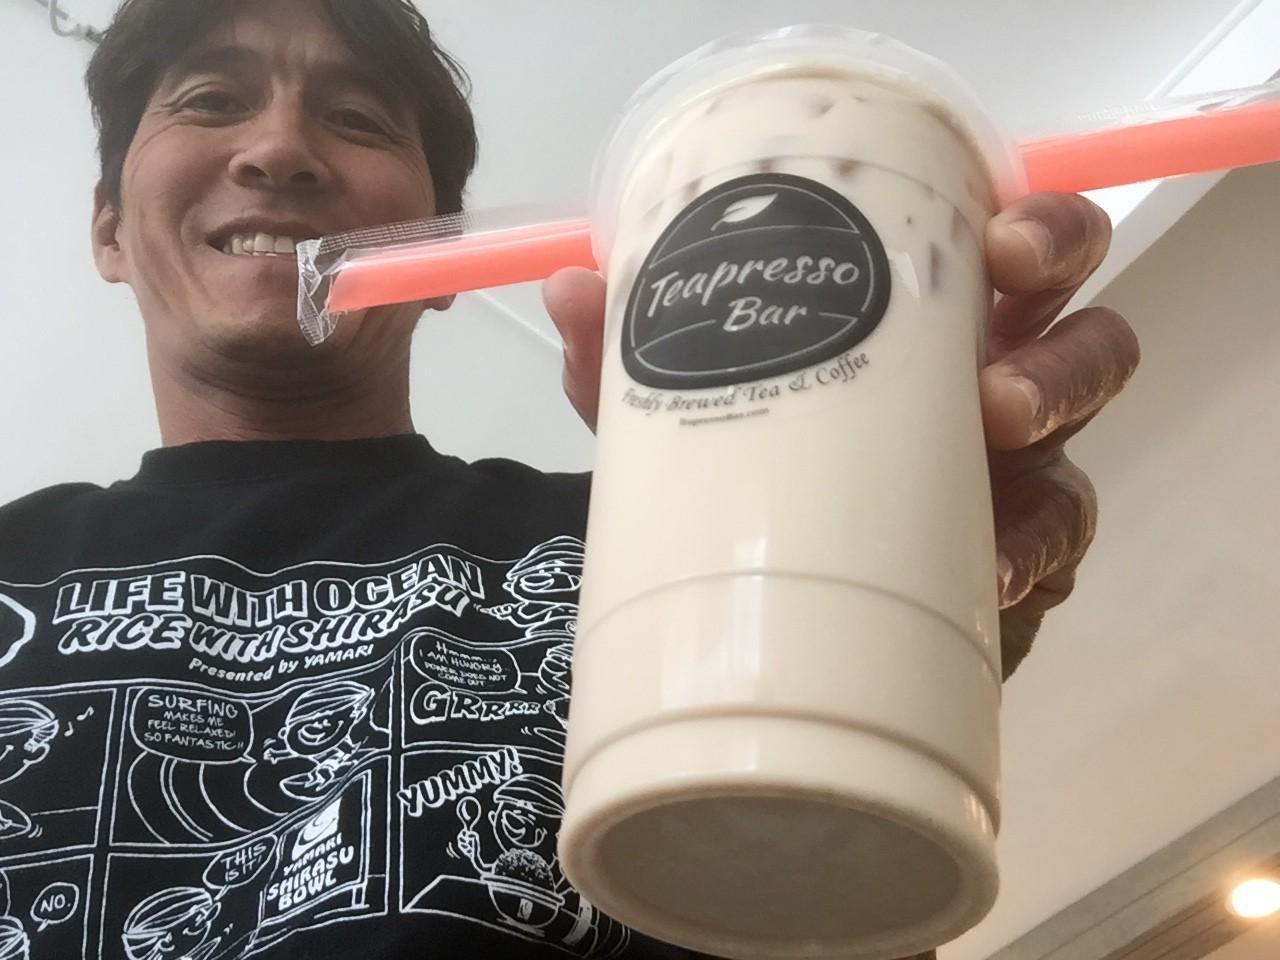 ハワイで話題の紅茶の茶葉を自由にカスタマイズできる「ティープレッソ・バー」カービーも絶賛!